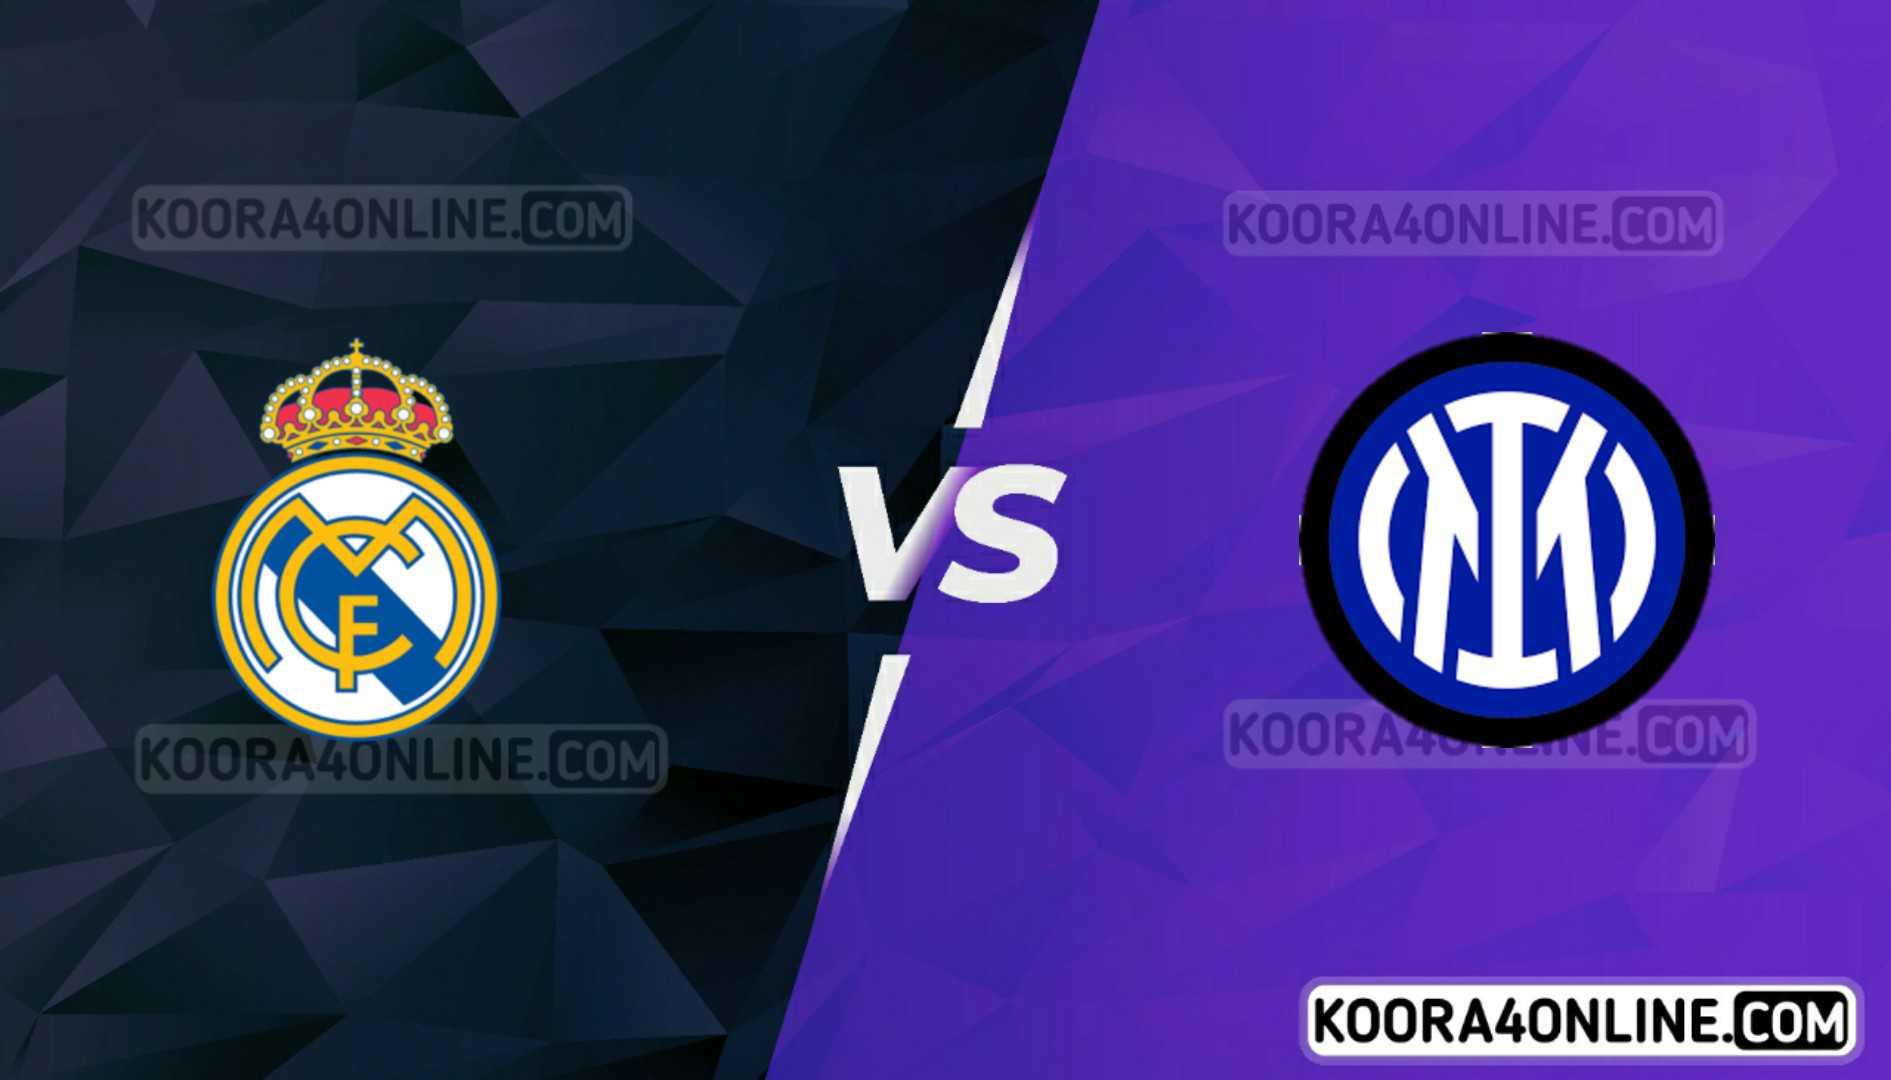 مشاهدة مباراة إنتر ميلان وريال مدريد القادمة كورة اون لاين بث مباشر اليوم 15-09-2021 في دوري أبطال أوروبا